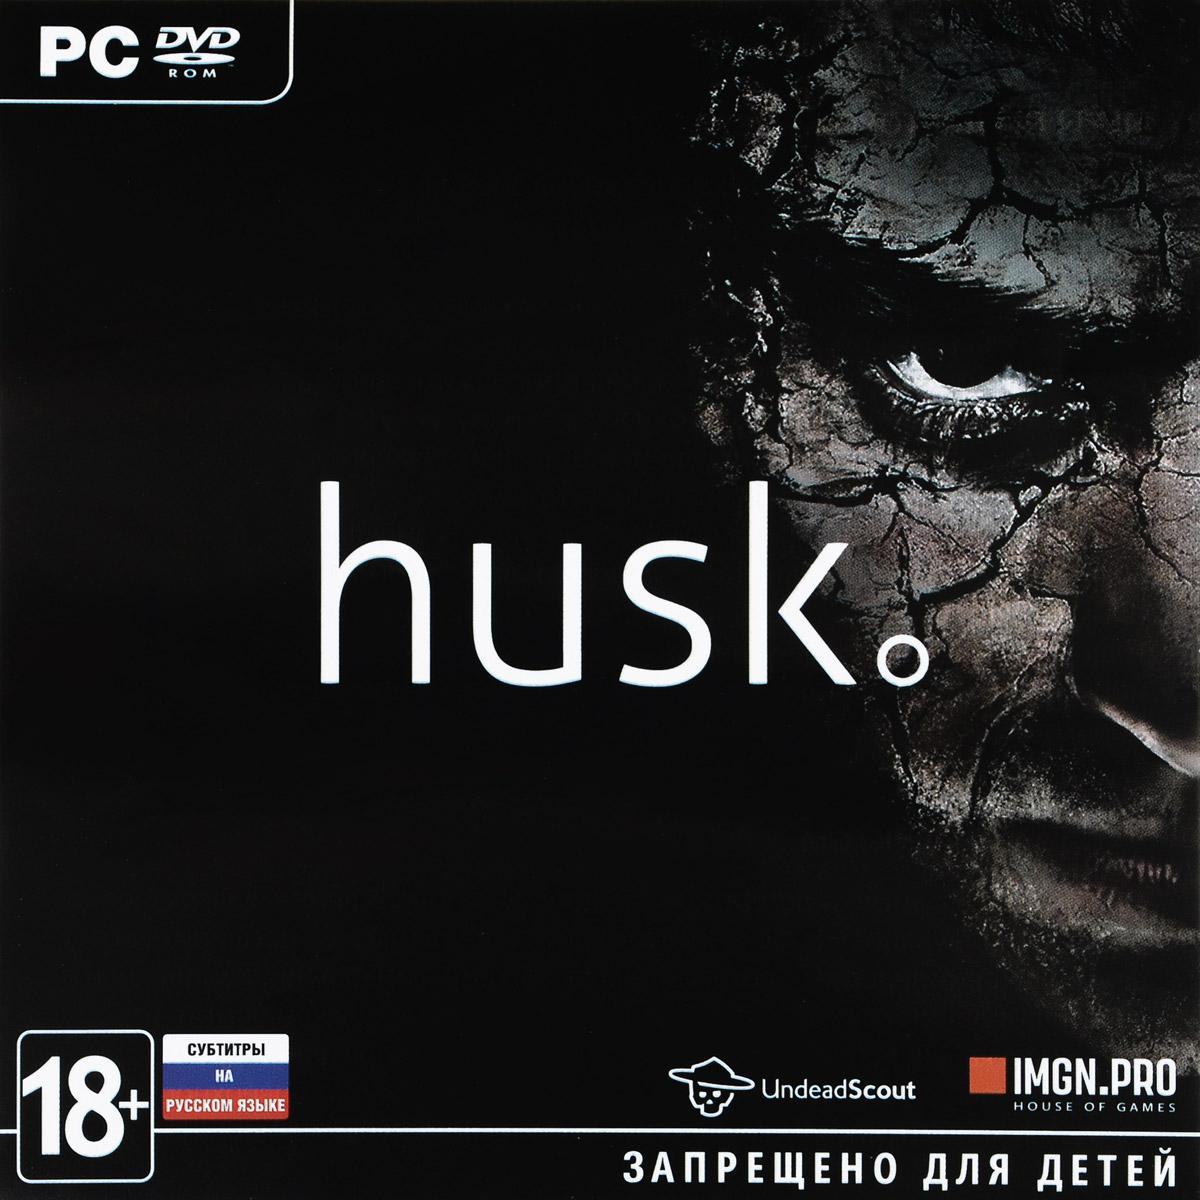 Husk, IMGN.PRO / UndeadScout